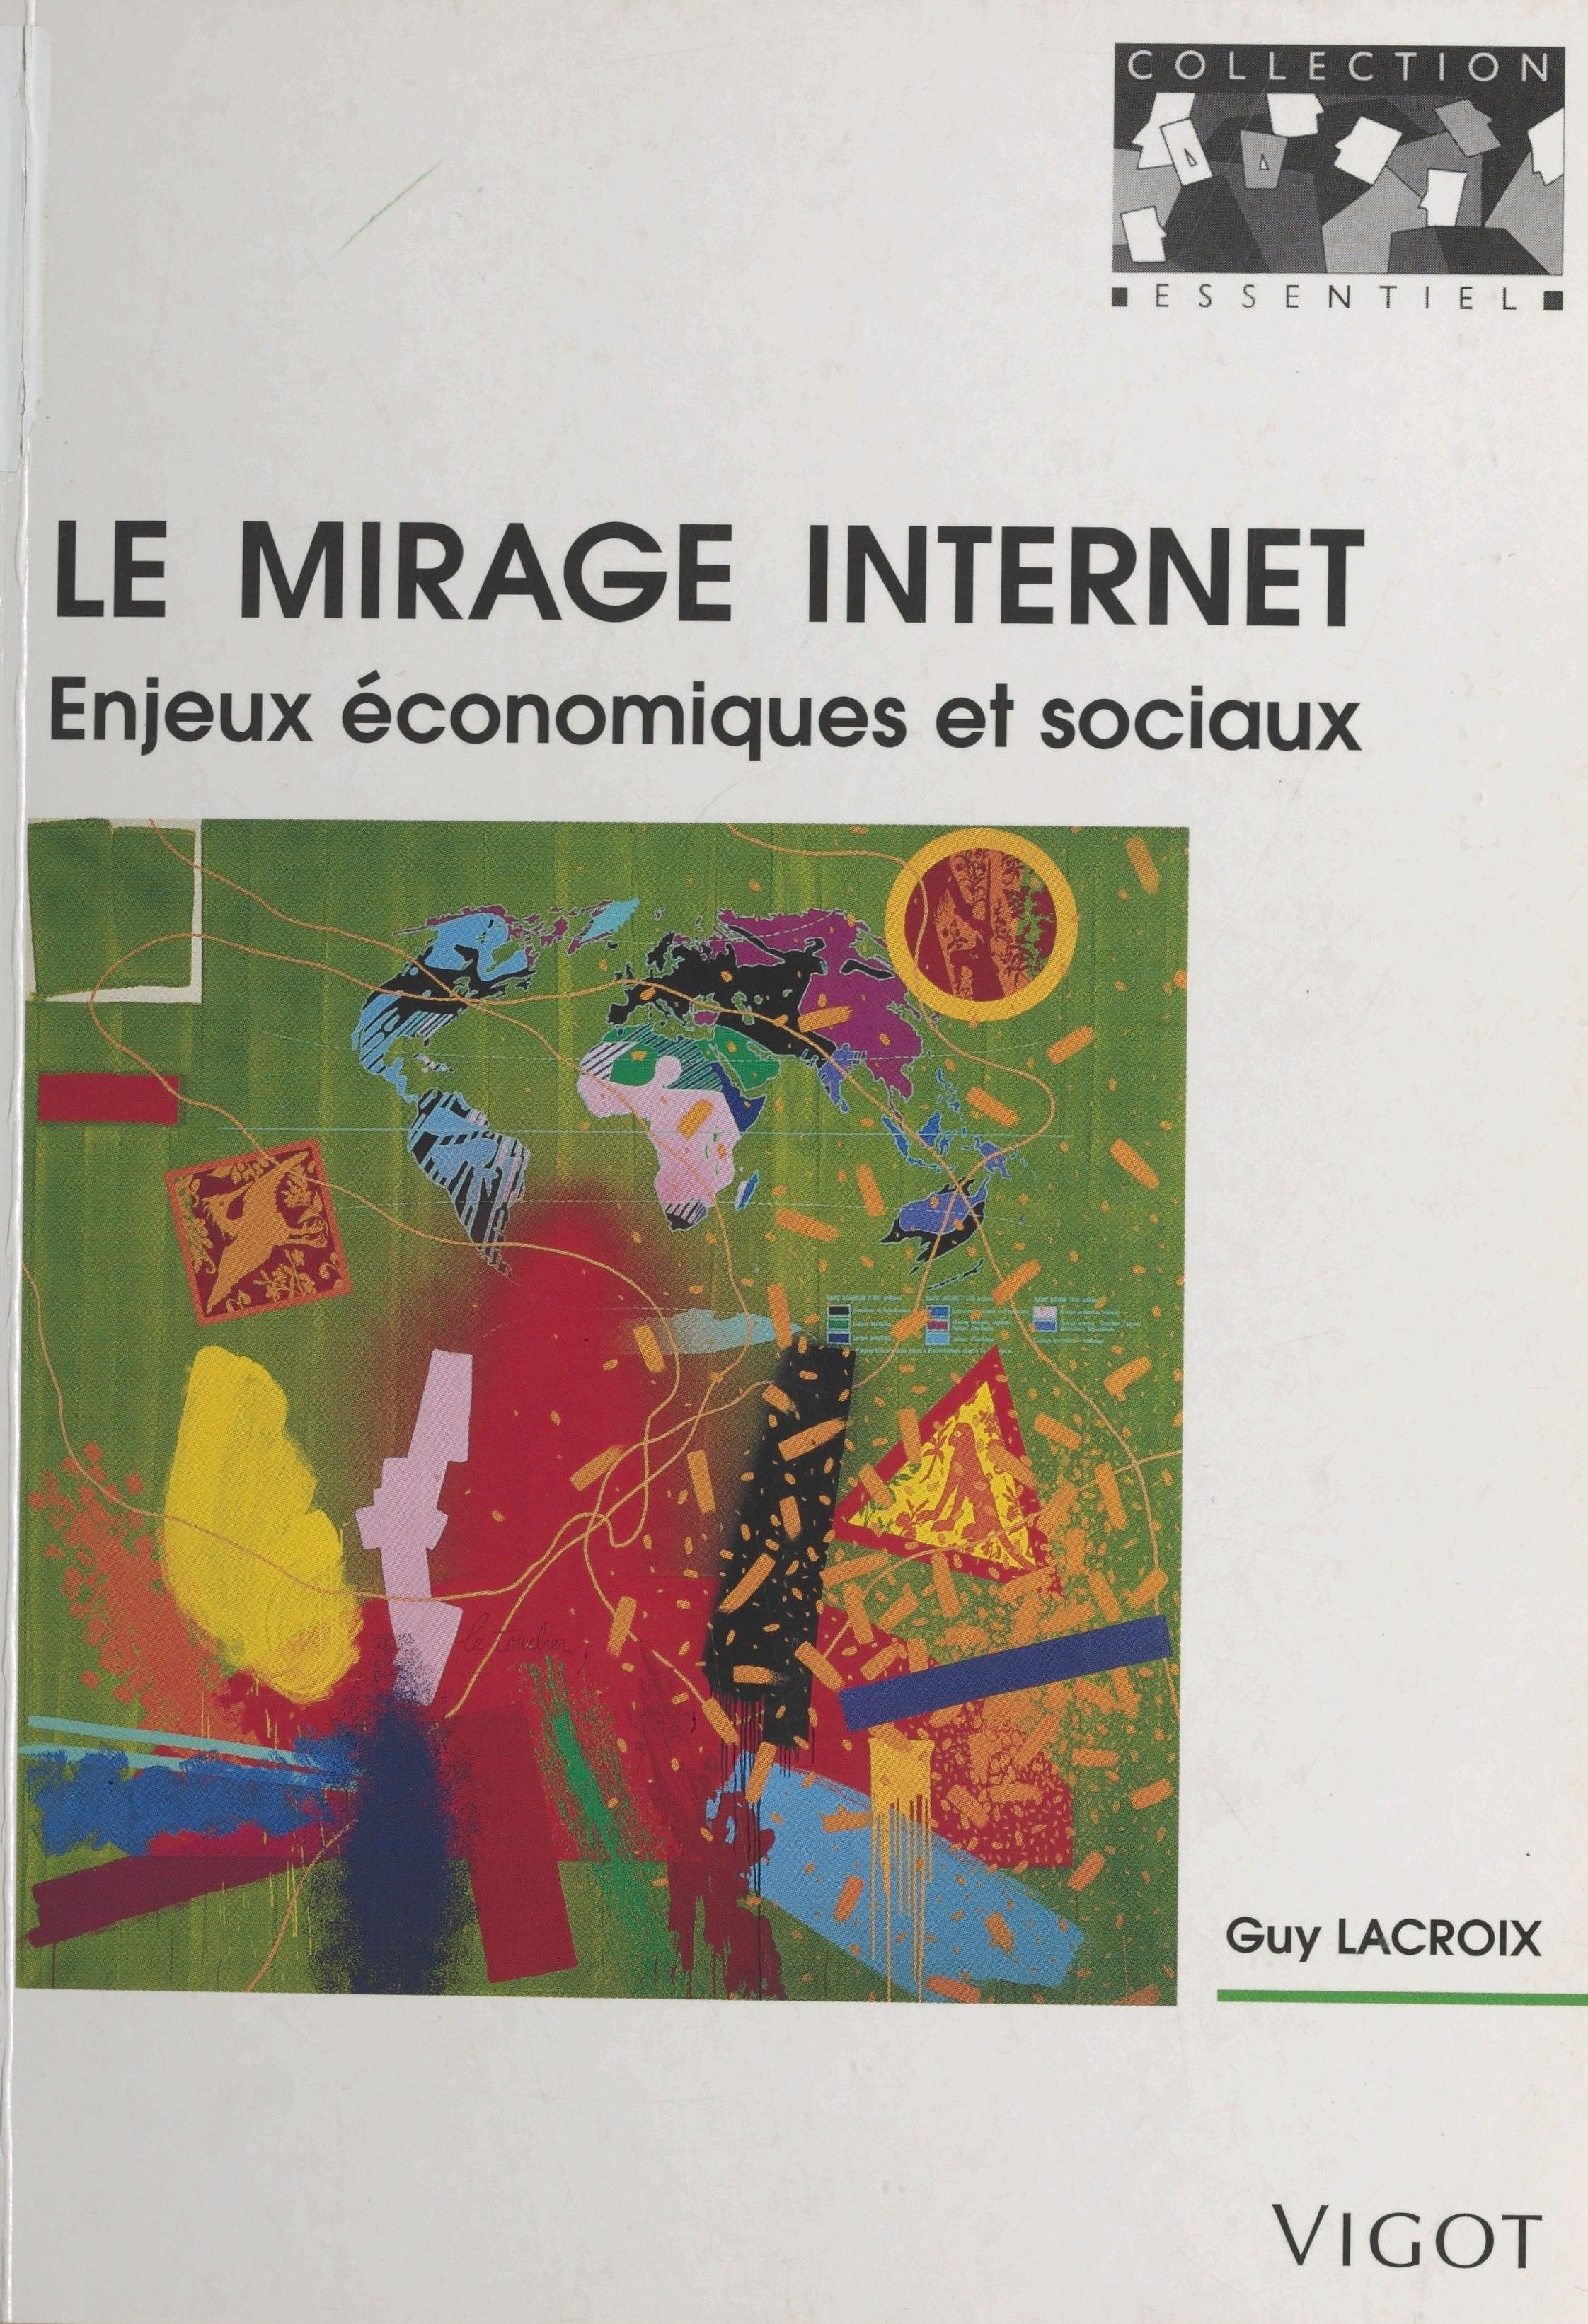 Le Mirage Internet